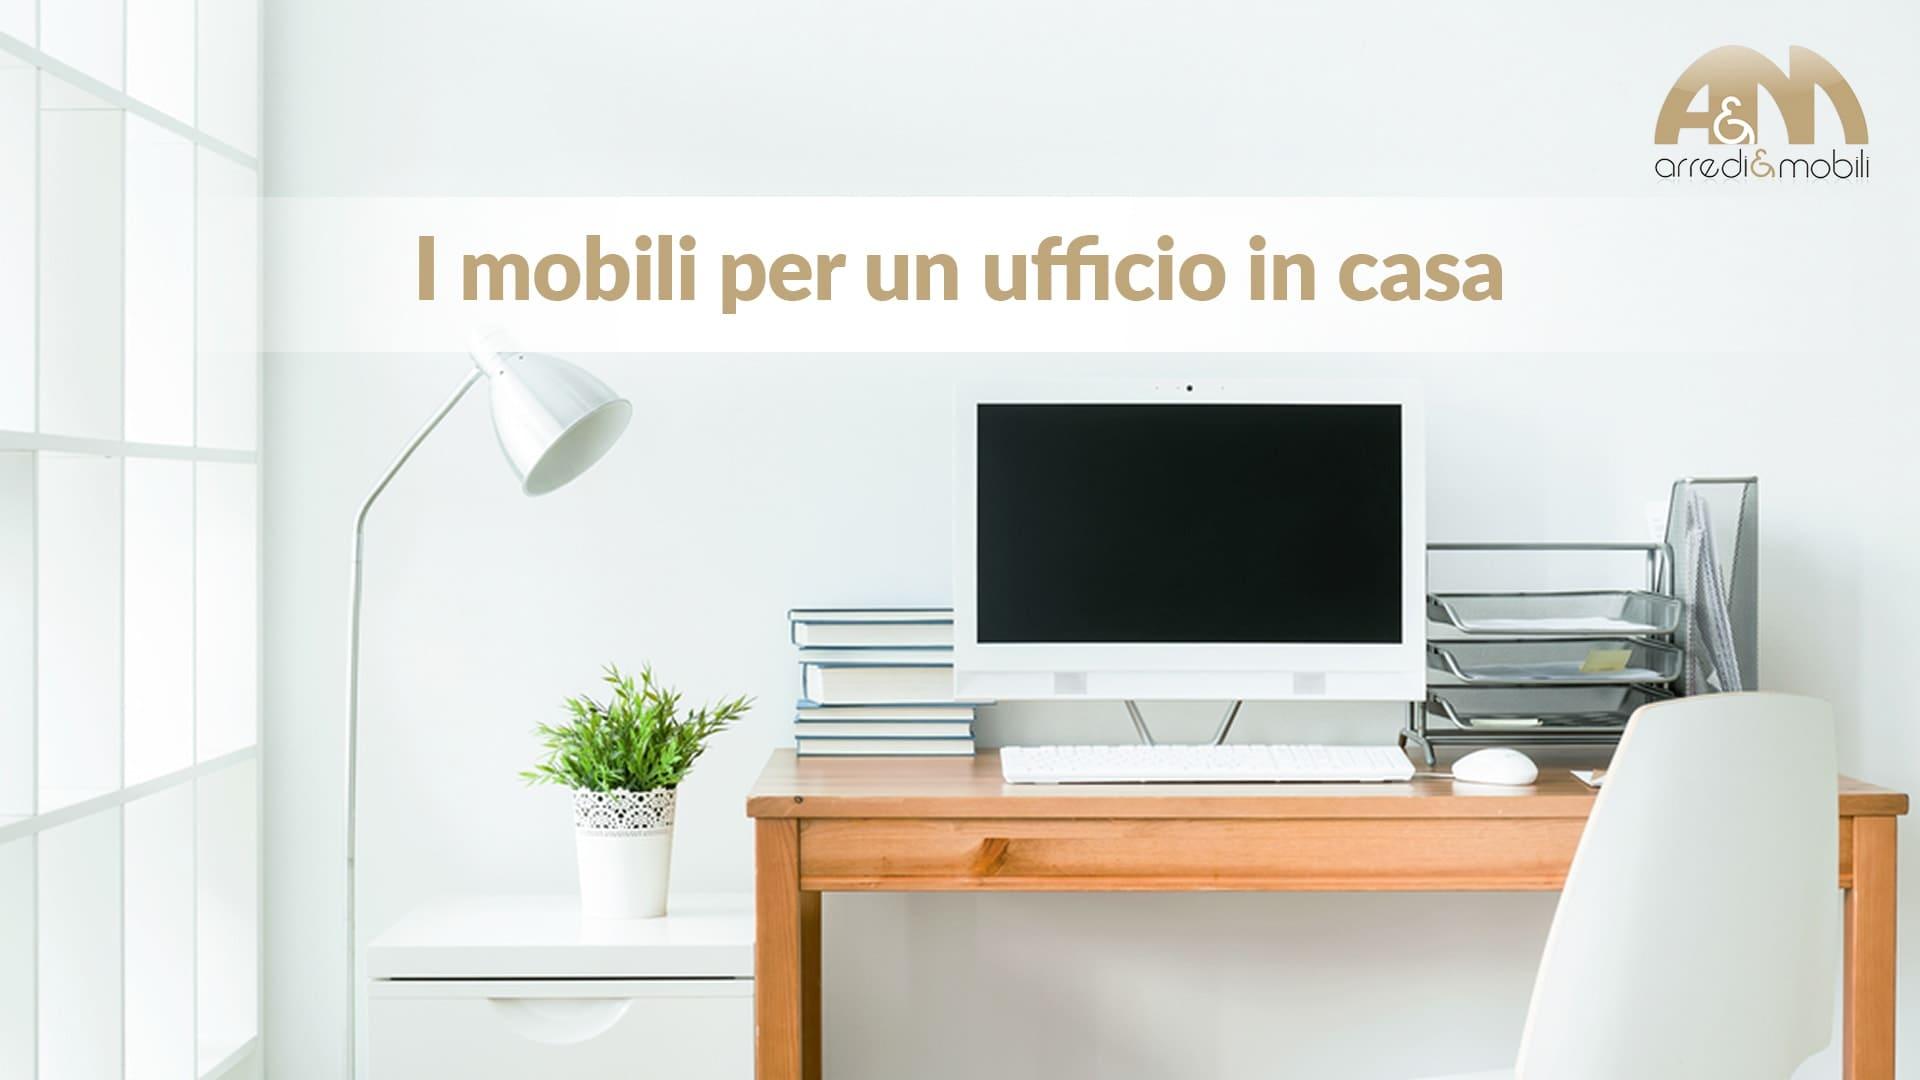 Ufficio In Casa Idee : I mobili per l ufficio in casa e i criteri per sceglierli